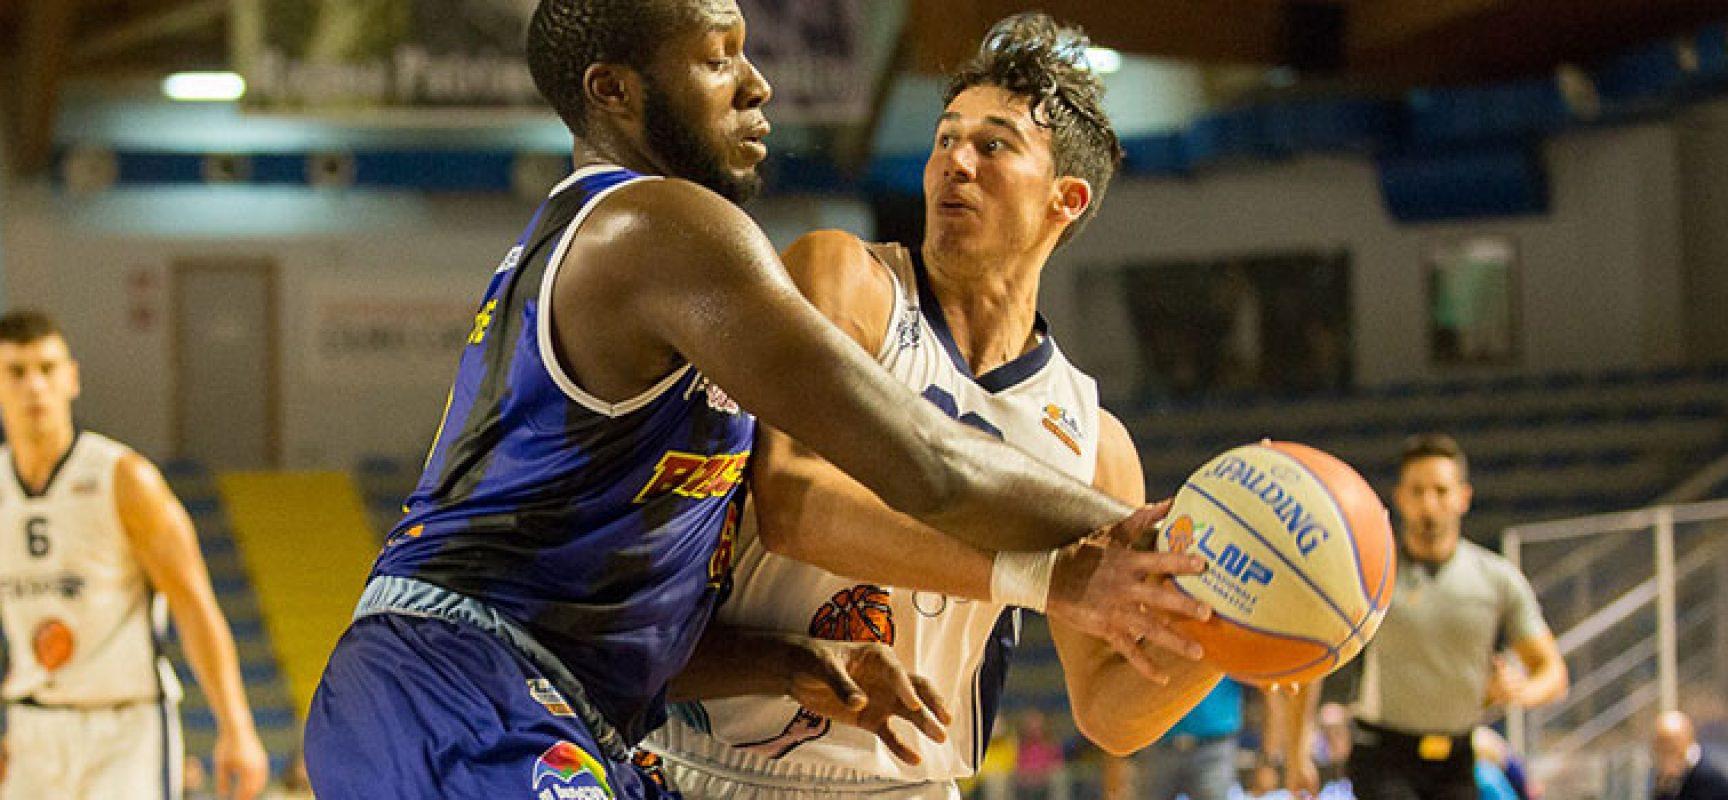 Basket, i Lions Bisceglie ottengono la seconda vittoria consecutiva in campionato / CLASSIFICA